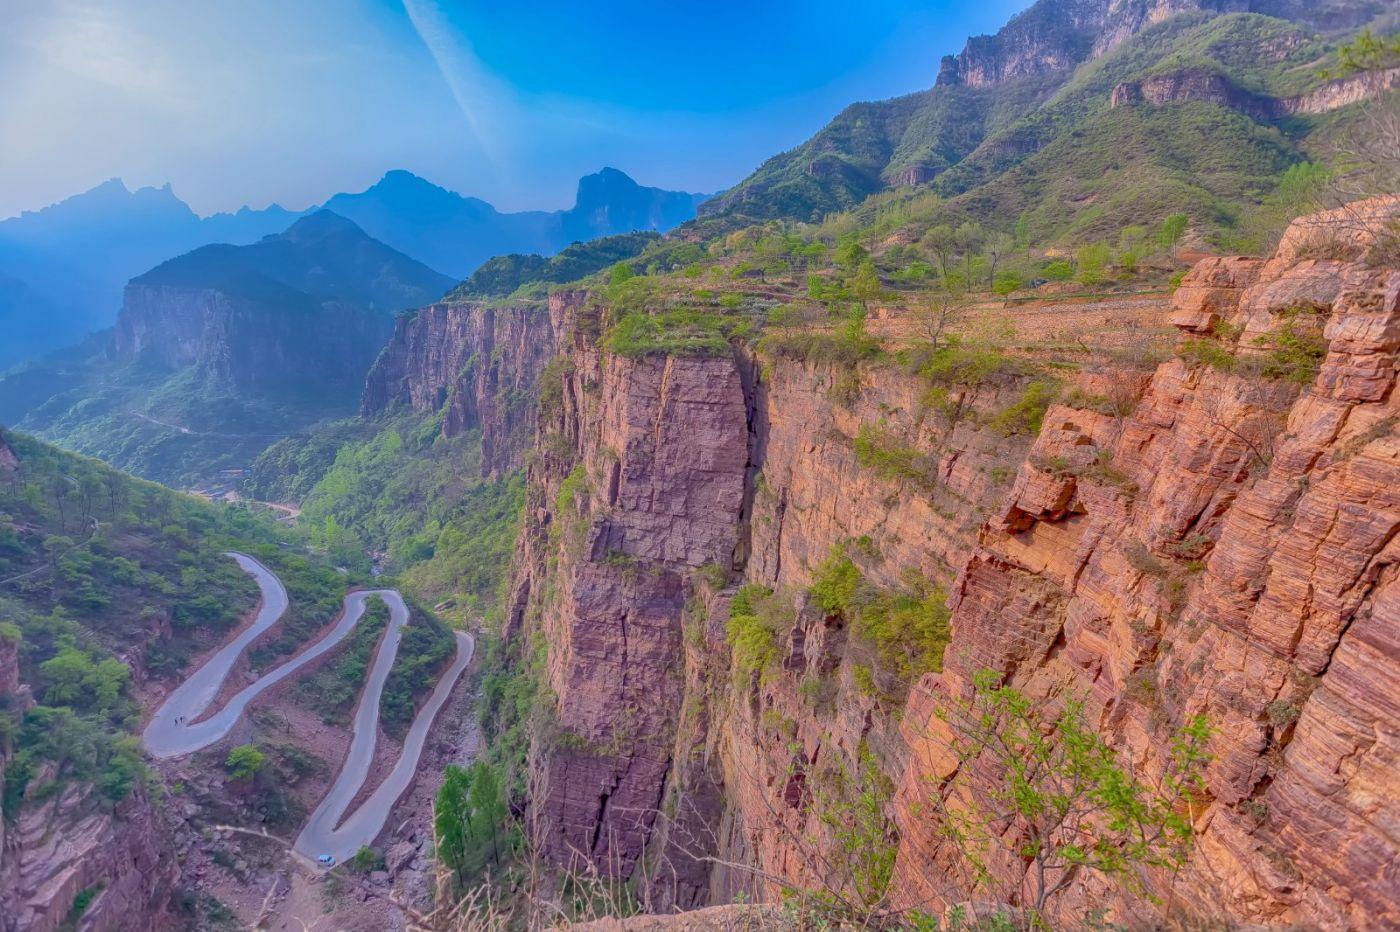 崖壁上的古村落 郭亮村 绝处也有风景_图1-25